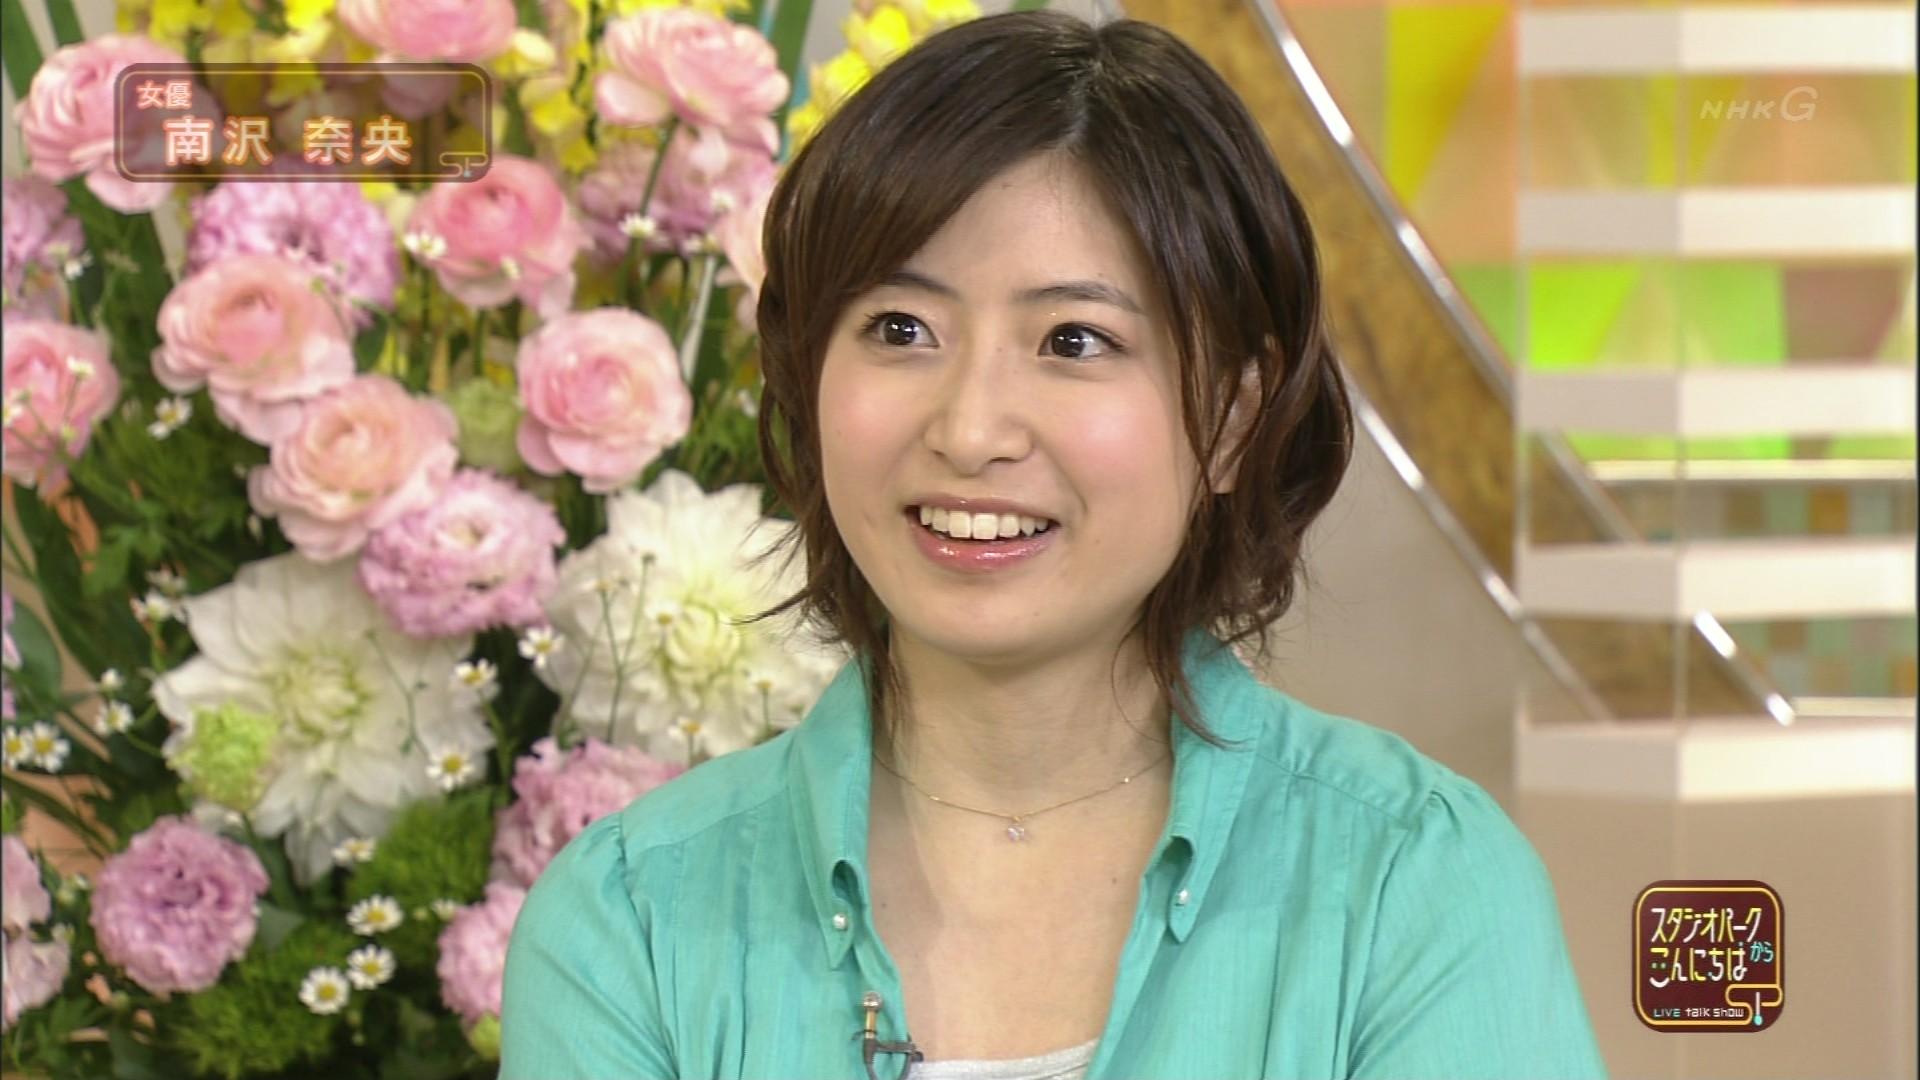 テレビ出演中の南沢奈央